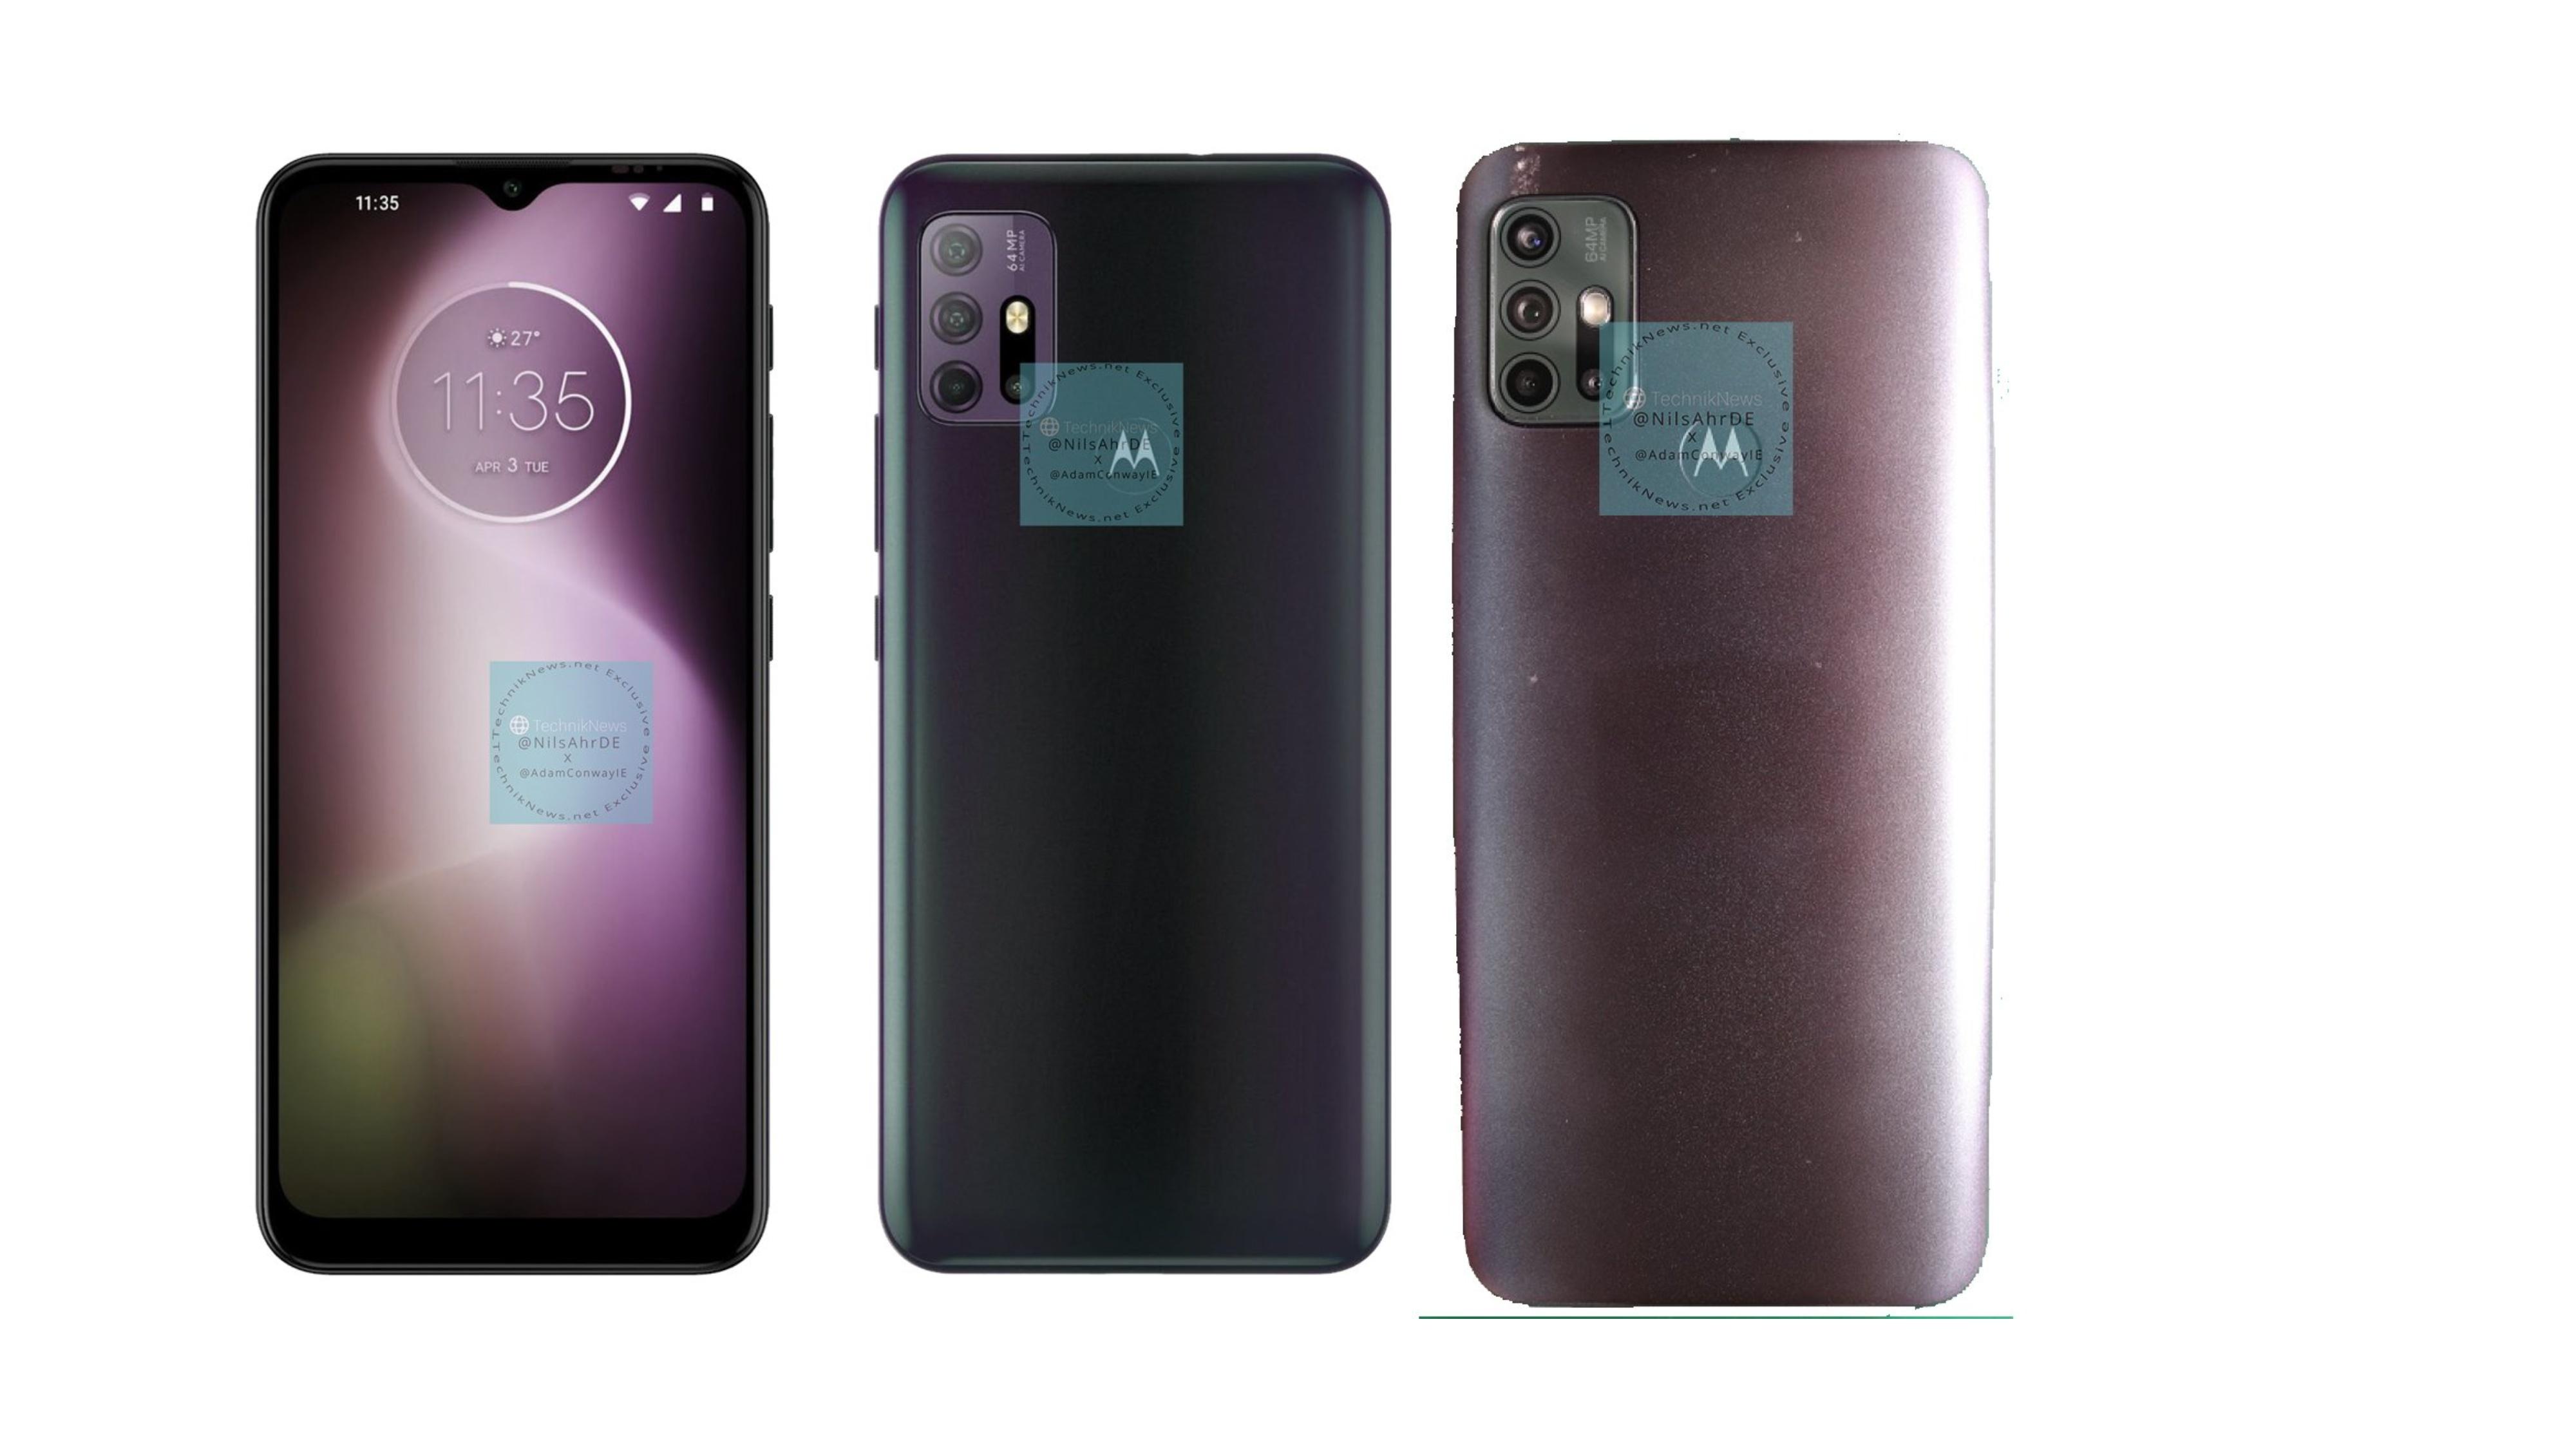 Motorola Moto G30 Renders Live Images Leak